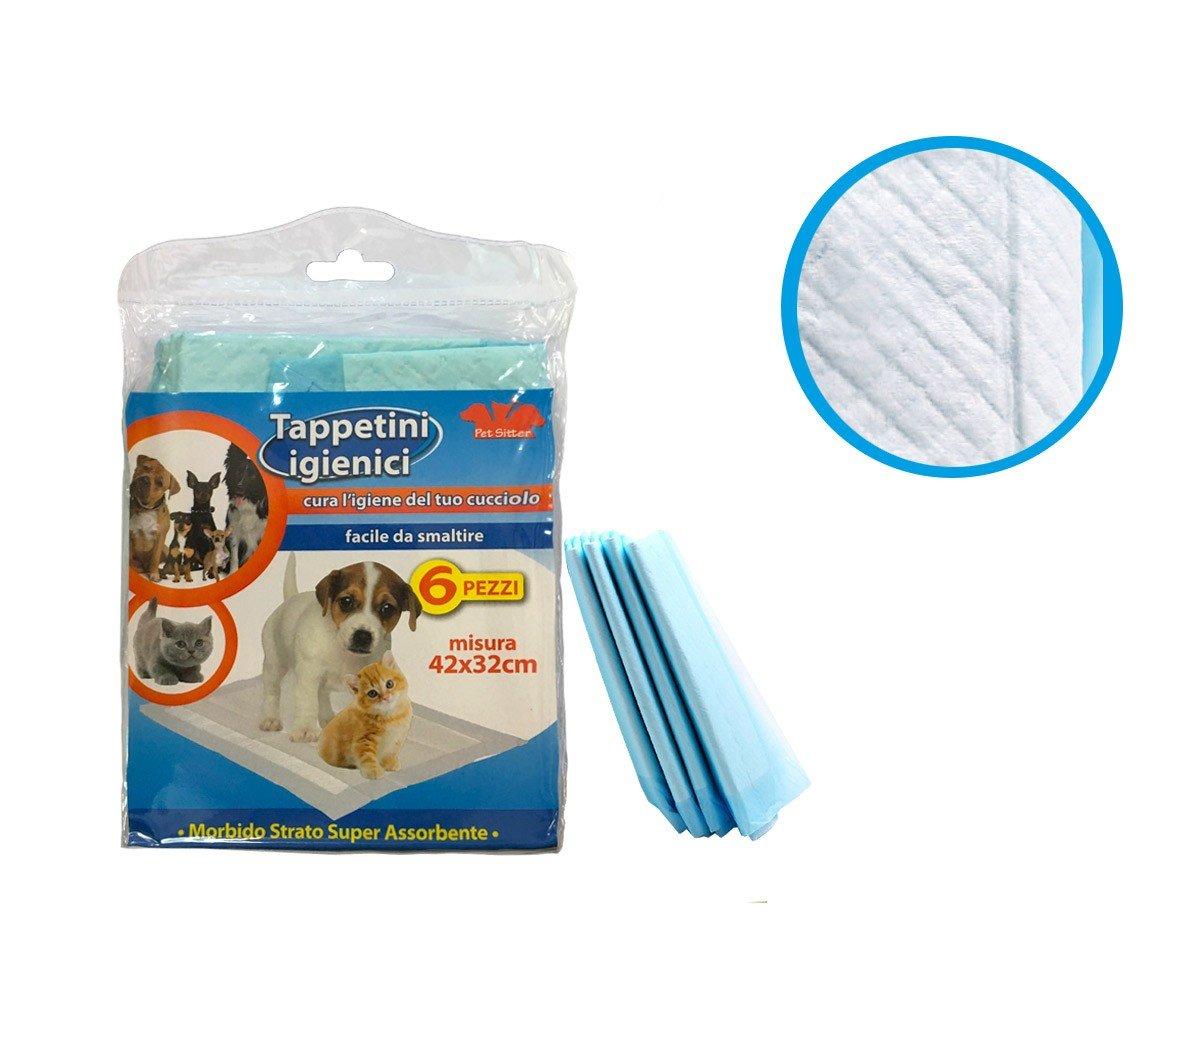 627336 Empapadores higi/énicos para cachorros s/úper absorbente de 6 PZ PET SITTER